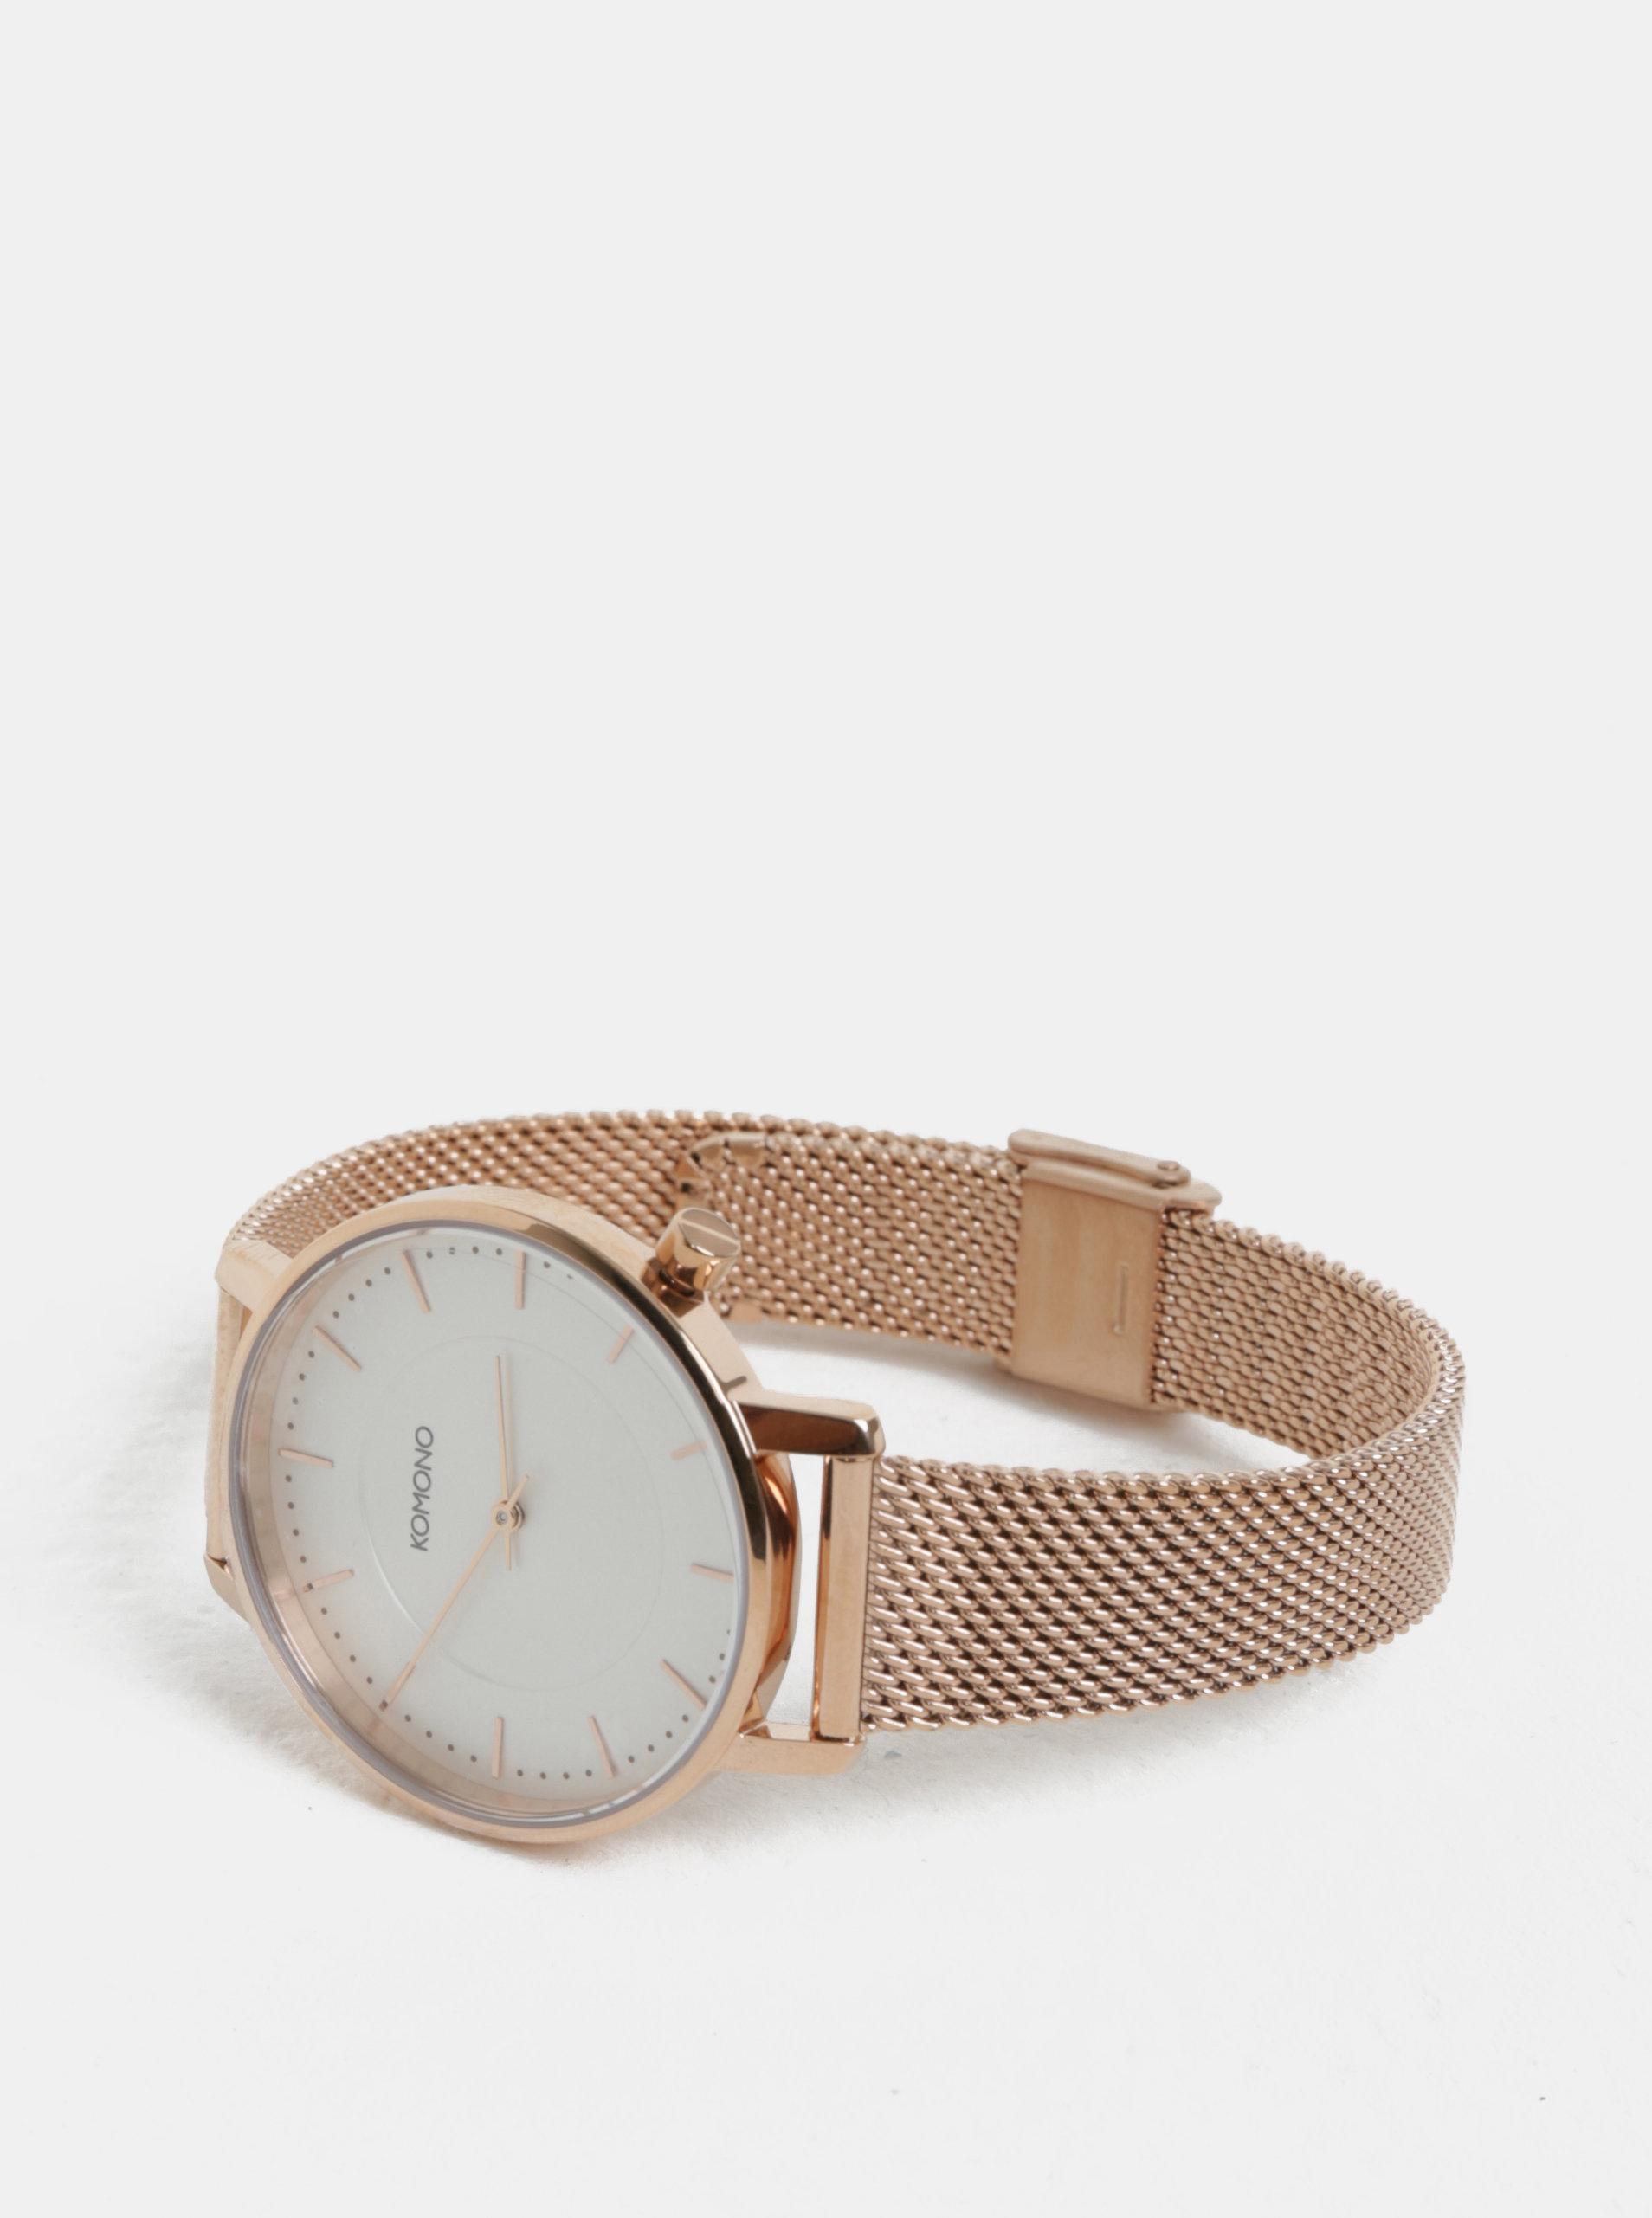 5b2ecaf4e30 Dámské hodinky v růžovozlaté barvě Komono Harlow - Akční cena ...